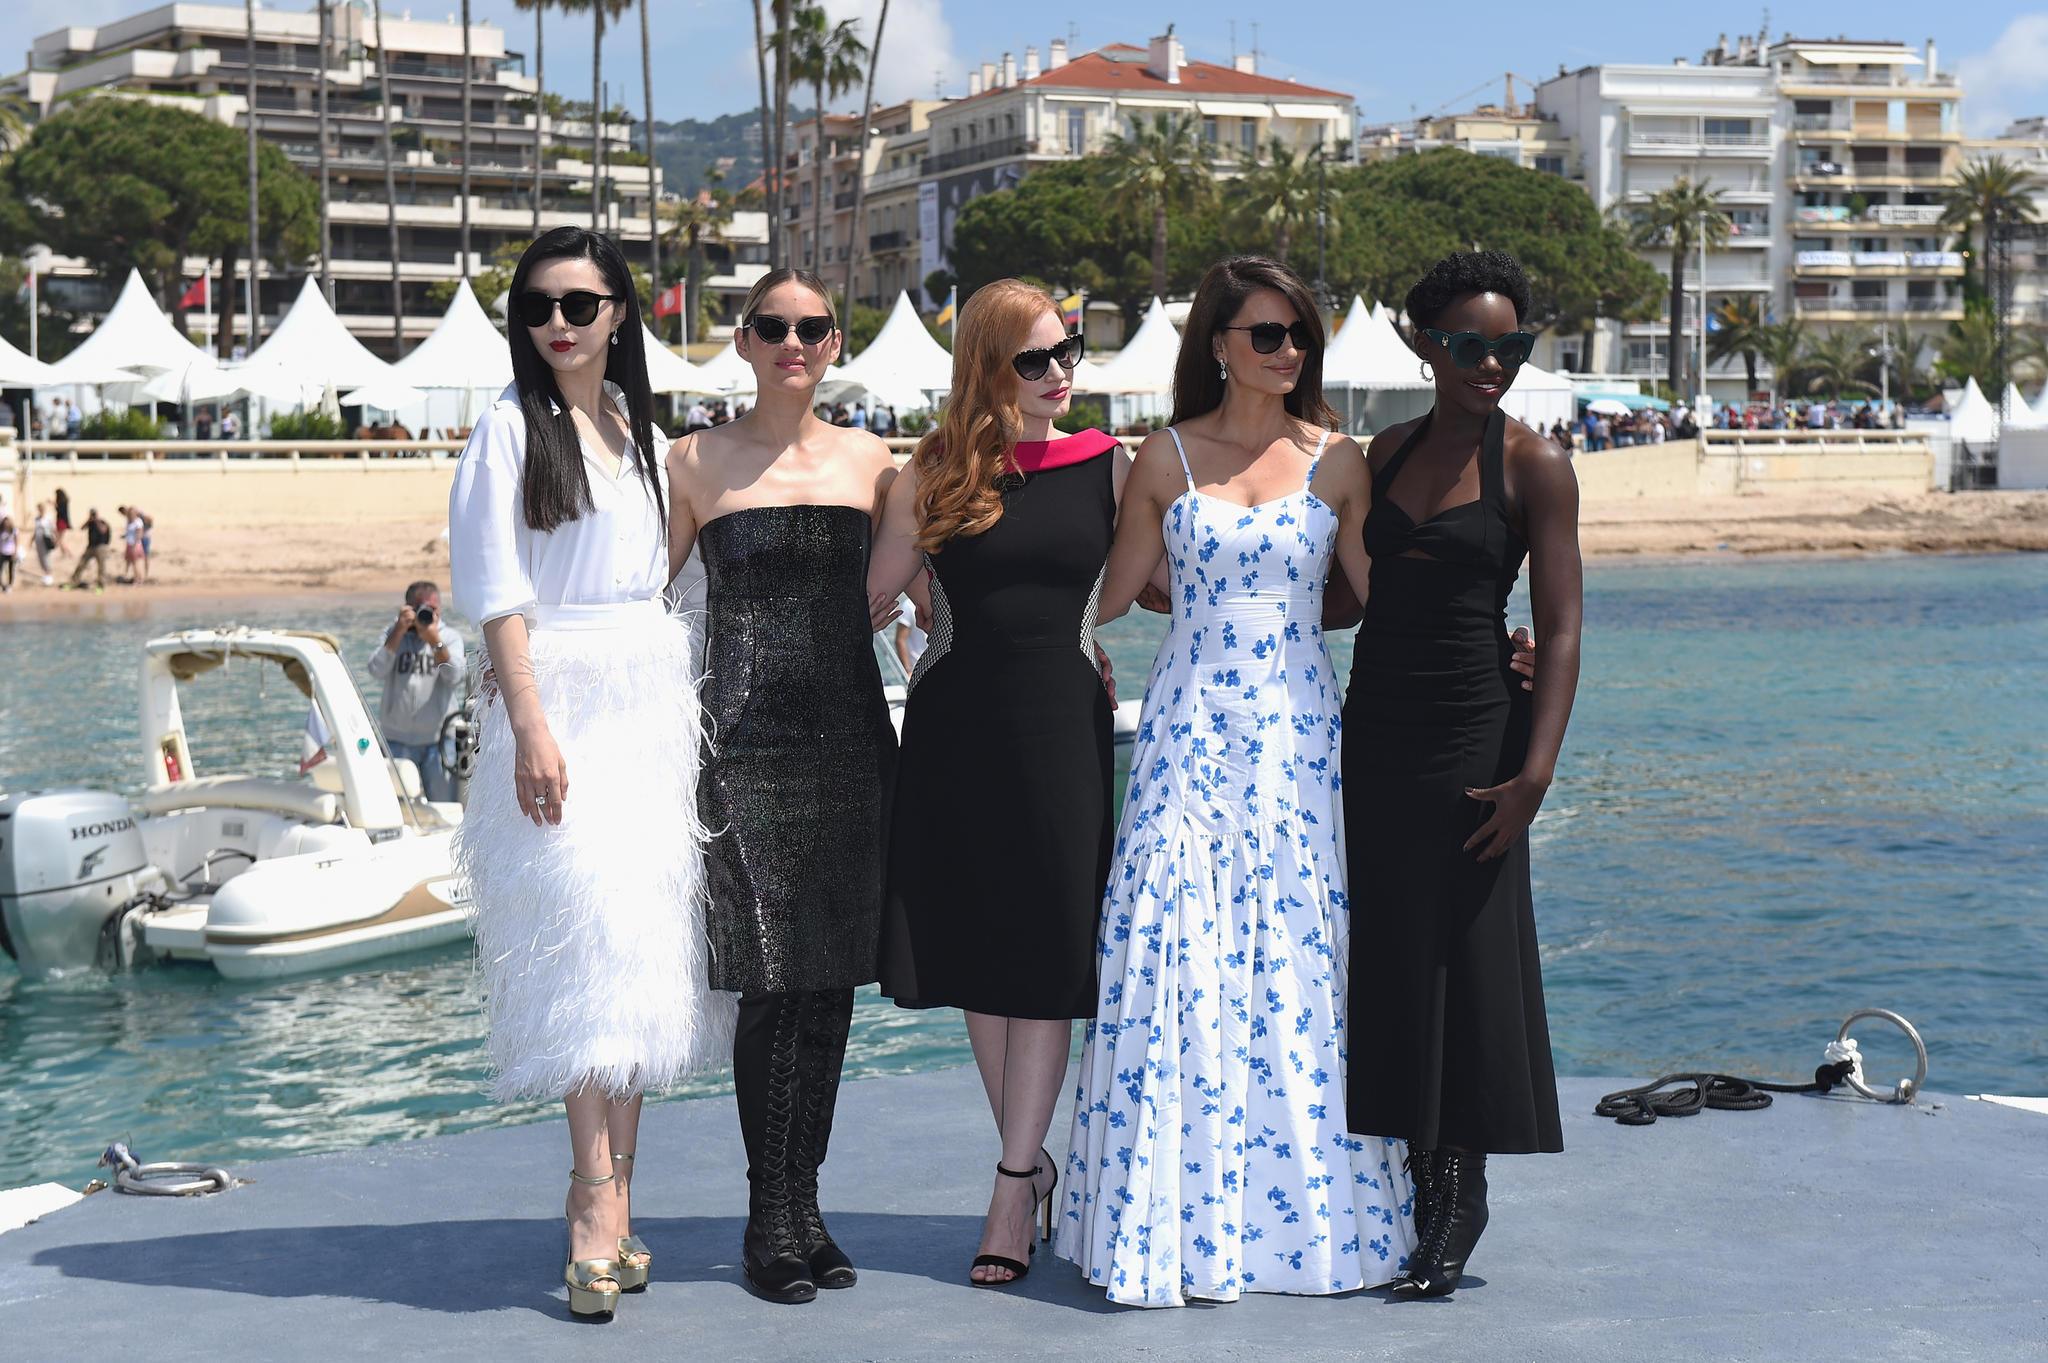 Fan Bingbing mit ihren SchauspielkollegenMarion Cotillard, Jessica Chastain, Penelope Cruz and Lupita Nyong'o bei den 71. Filmfestspielen in Cannes im Mai 2018